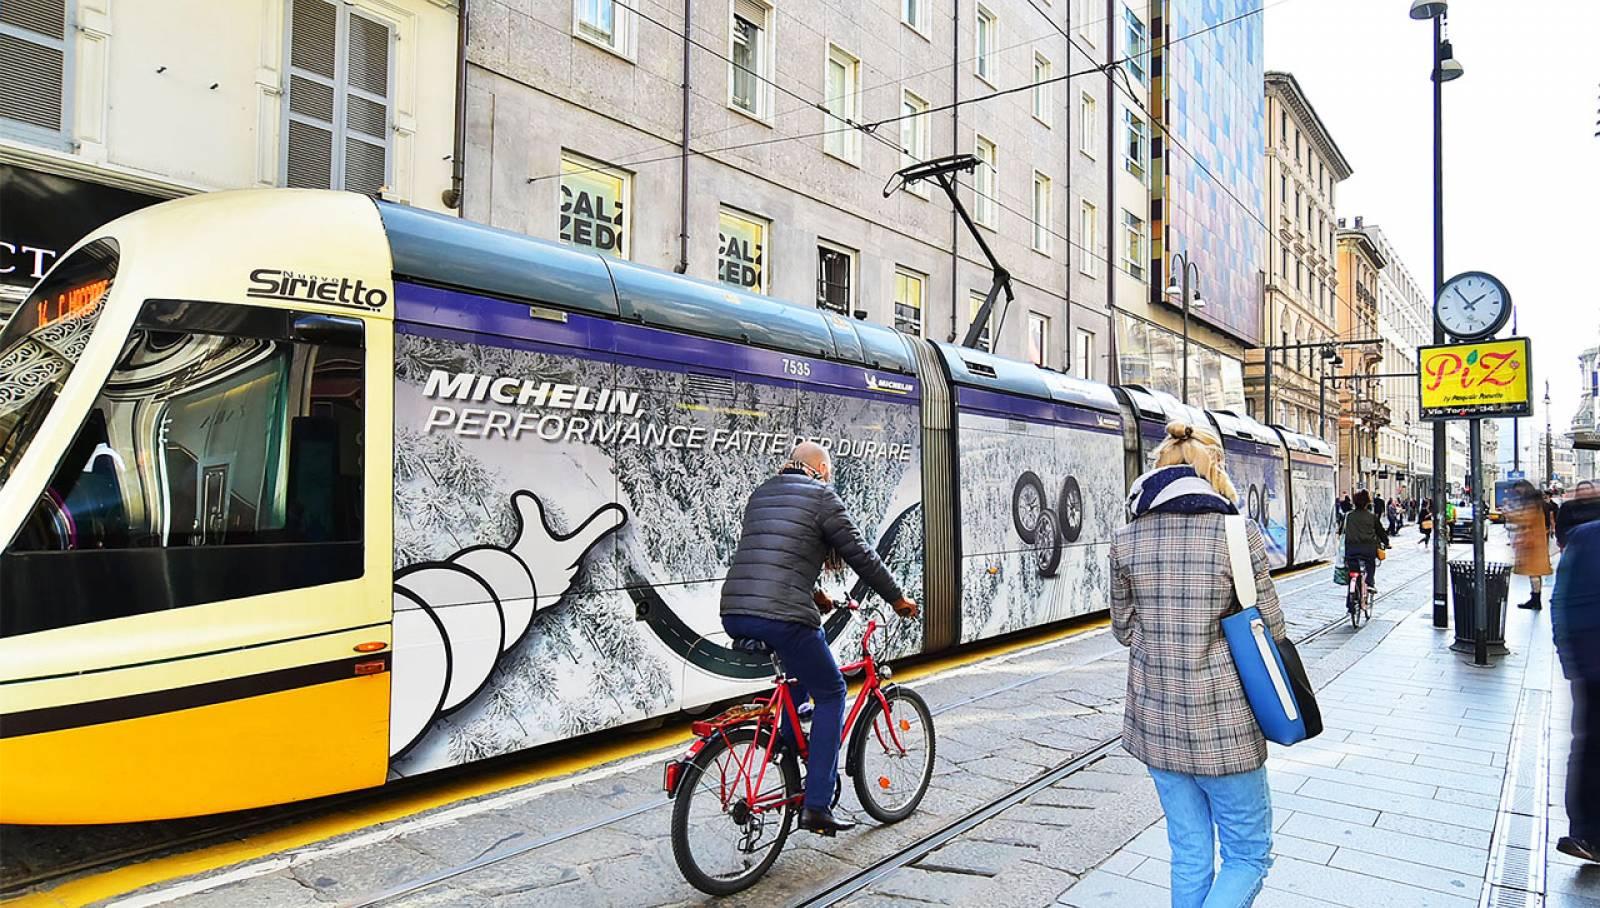 Pubblicità su tram Milano IGPDecaux Full-Wrap per Michelin